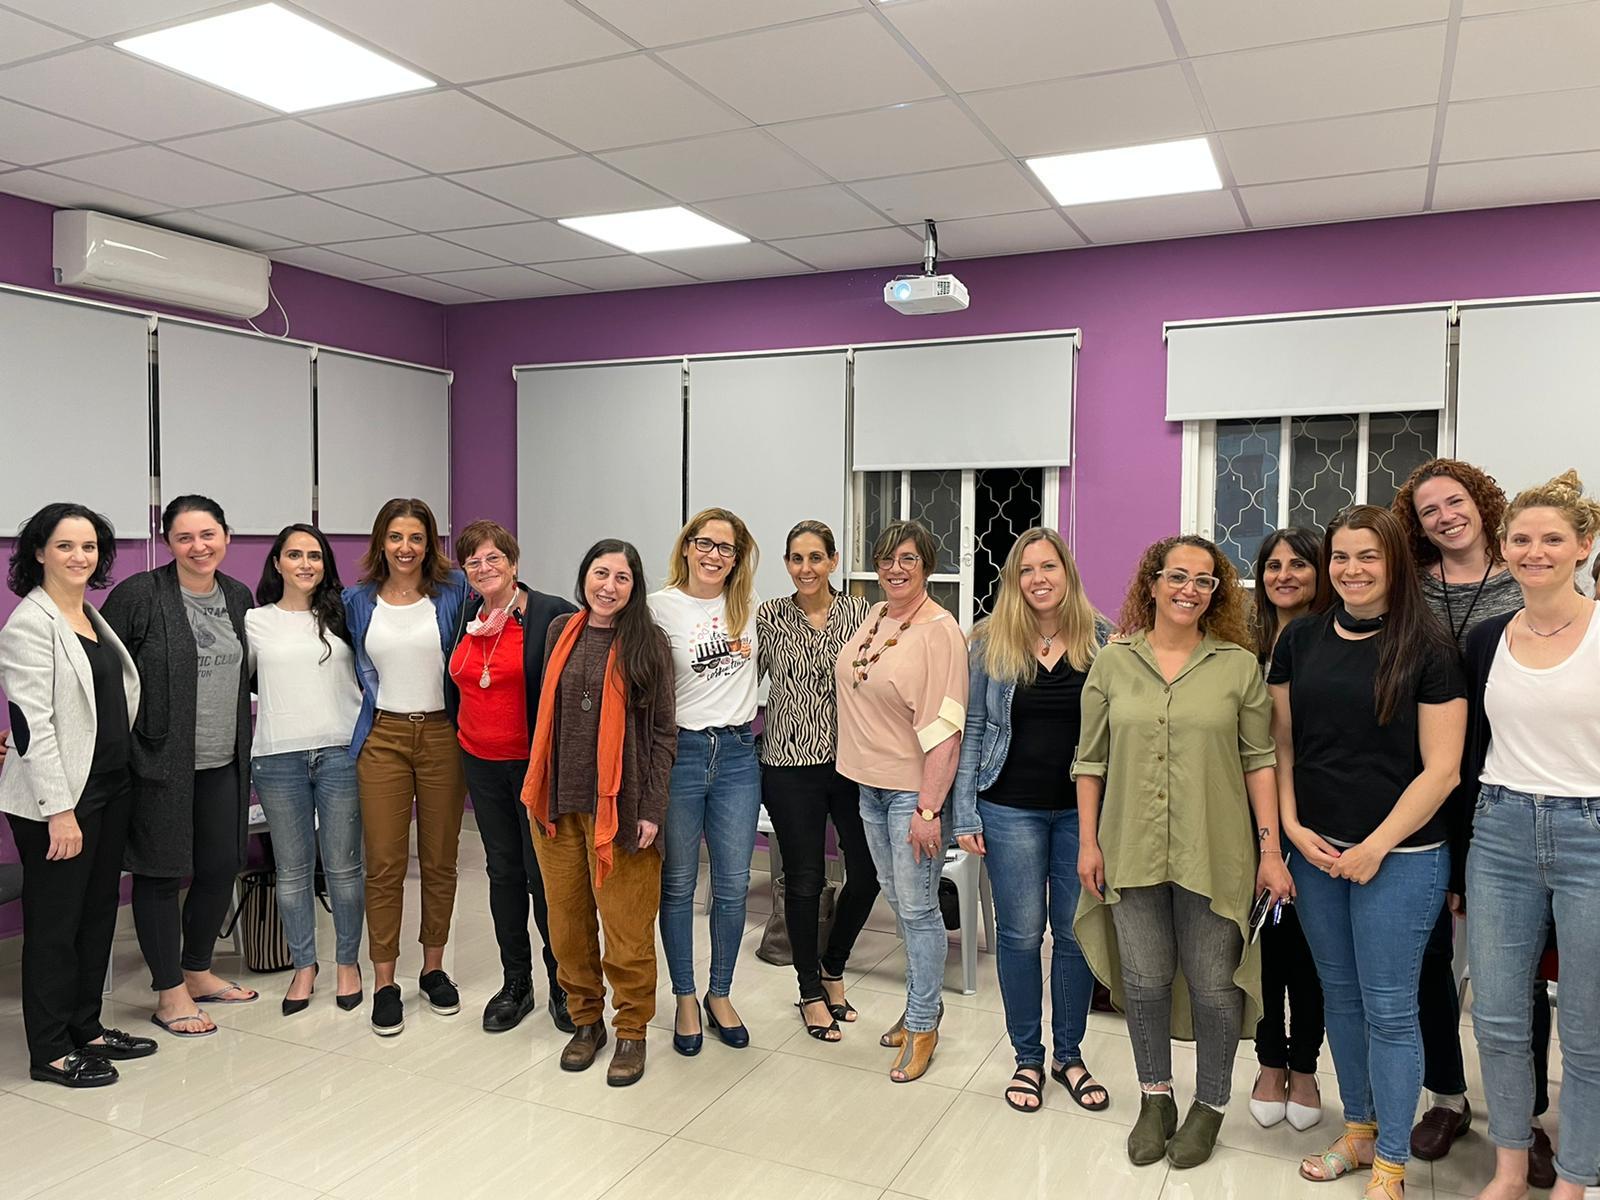 """מועצת נשים עירונית יוצאת במיזם רחב היקף בשם """"מאיצות"""", להזנקת נשות העסקים העצמאיות בעיר ושל מועצת נשים"""